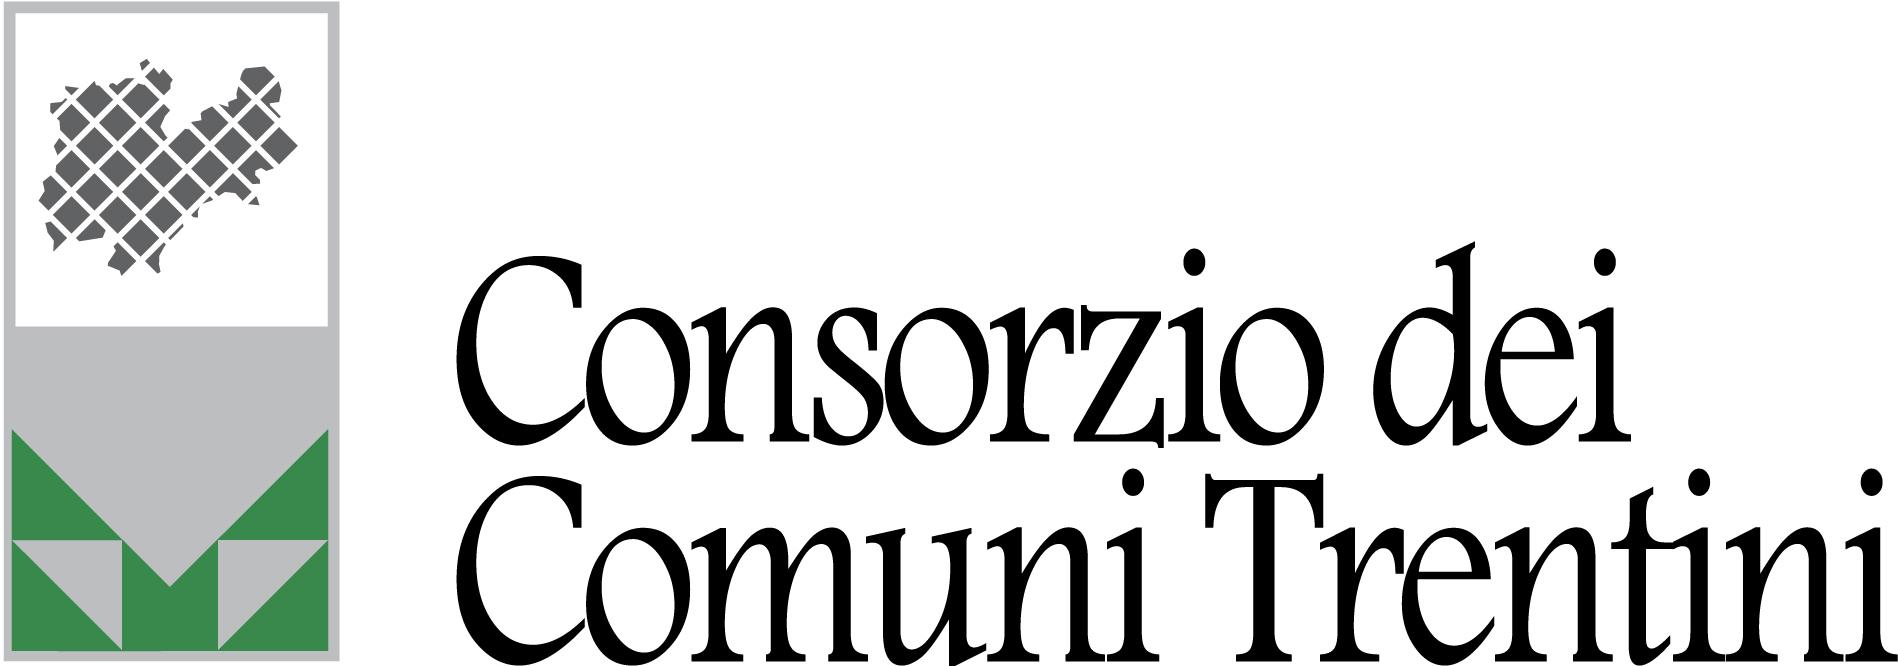 Consorzio Comuni Trentini - CCT